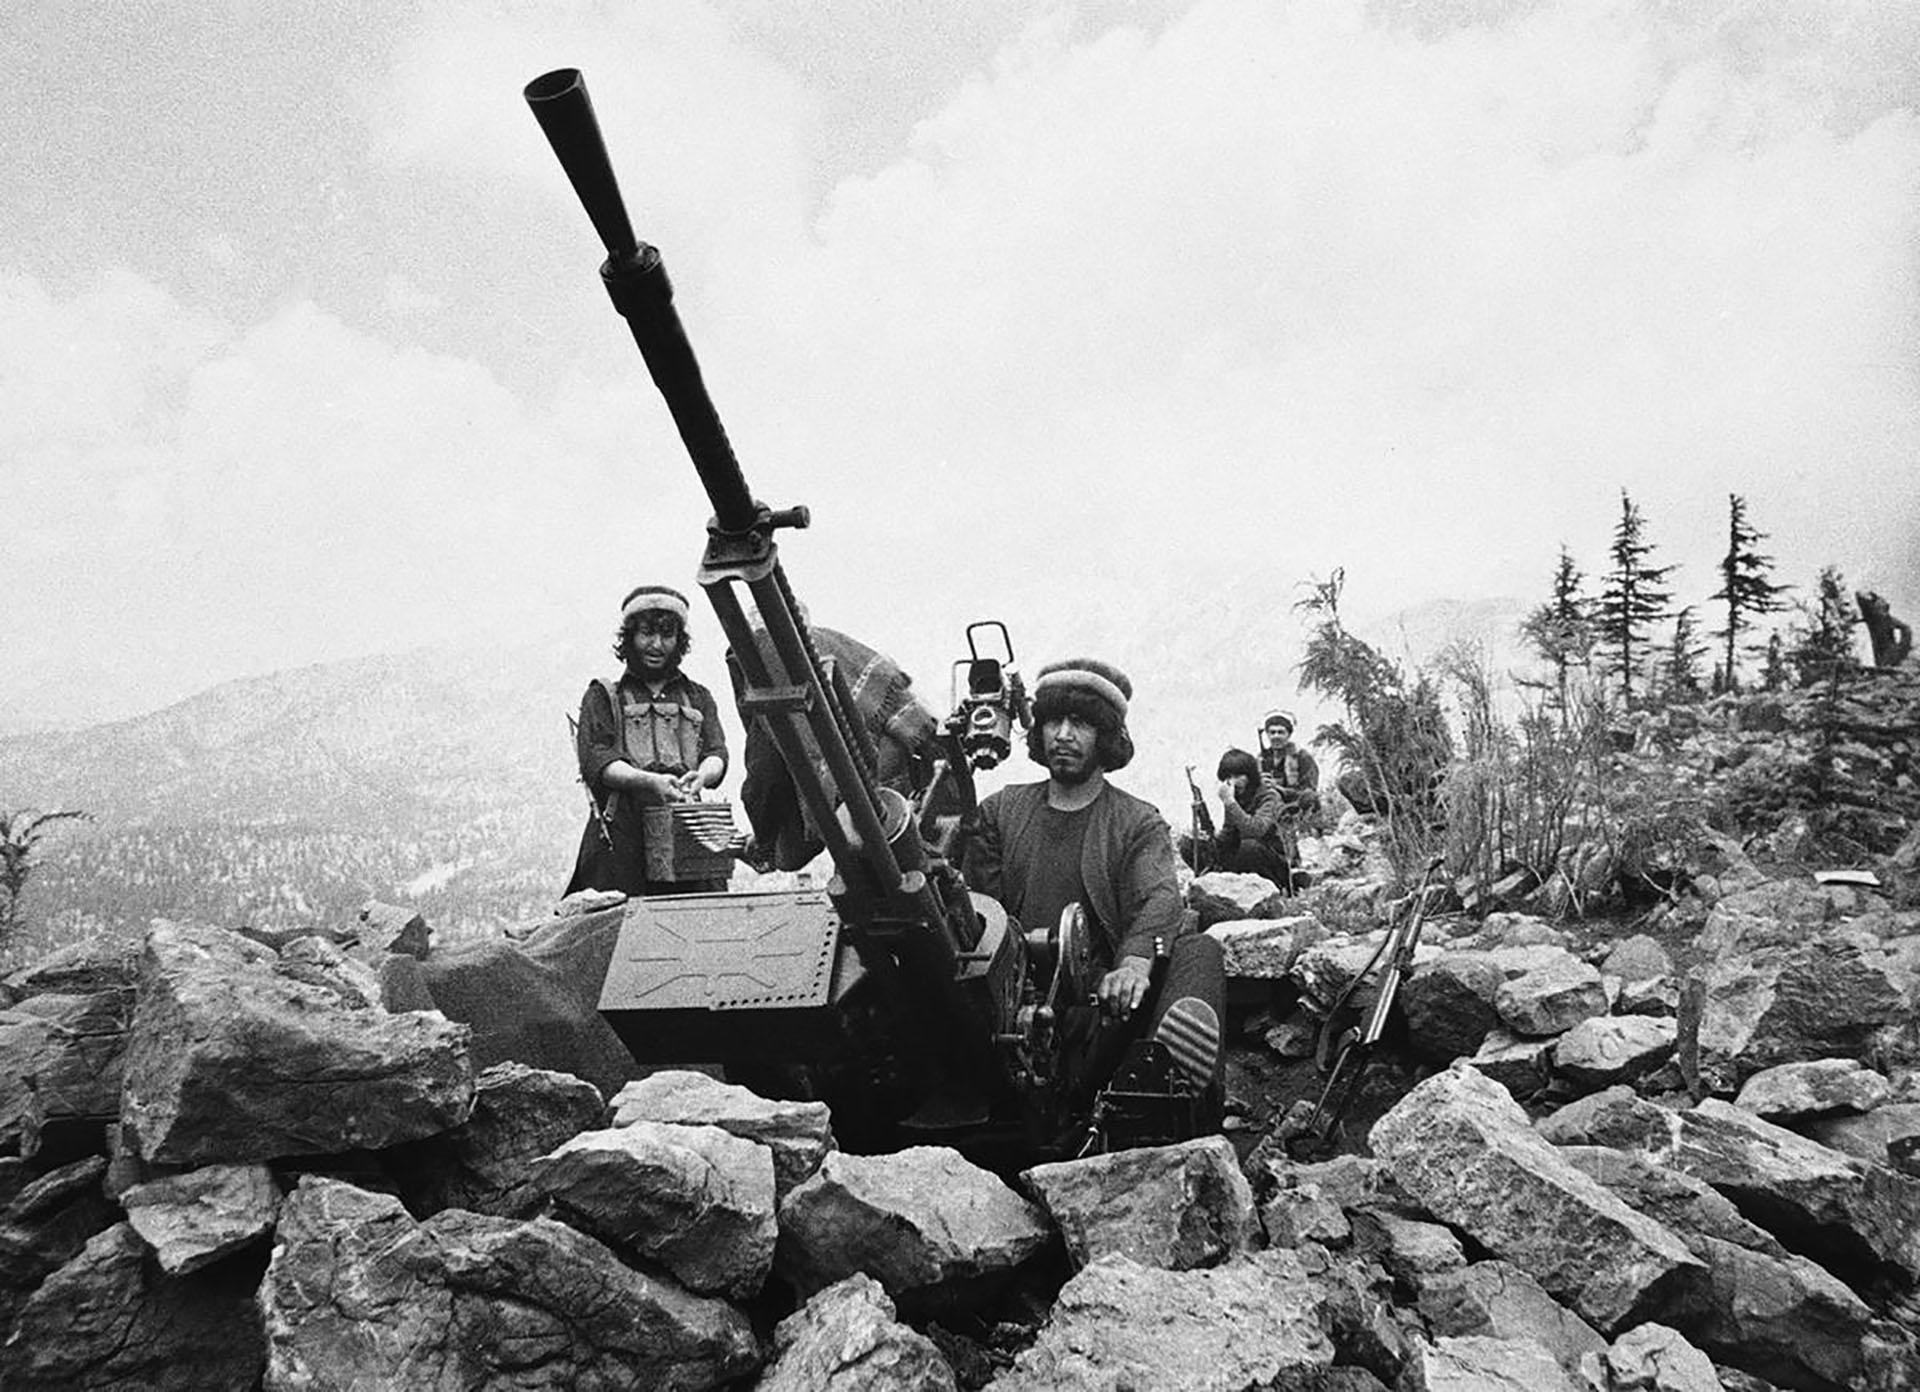 Un cañón antiaéreo operado por muyahidines en la provincia de Paktia, 1986